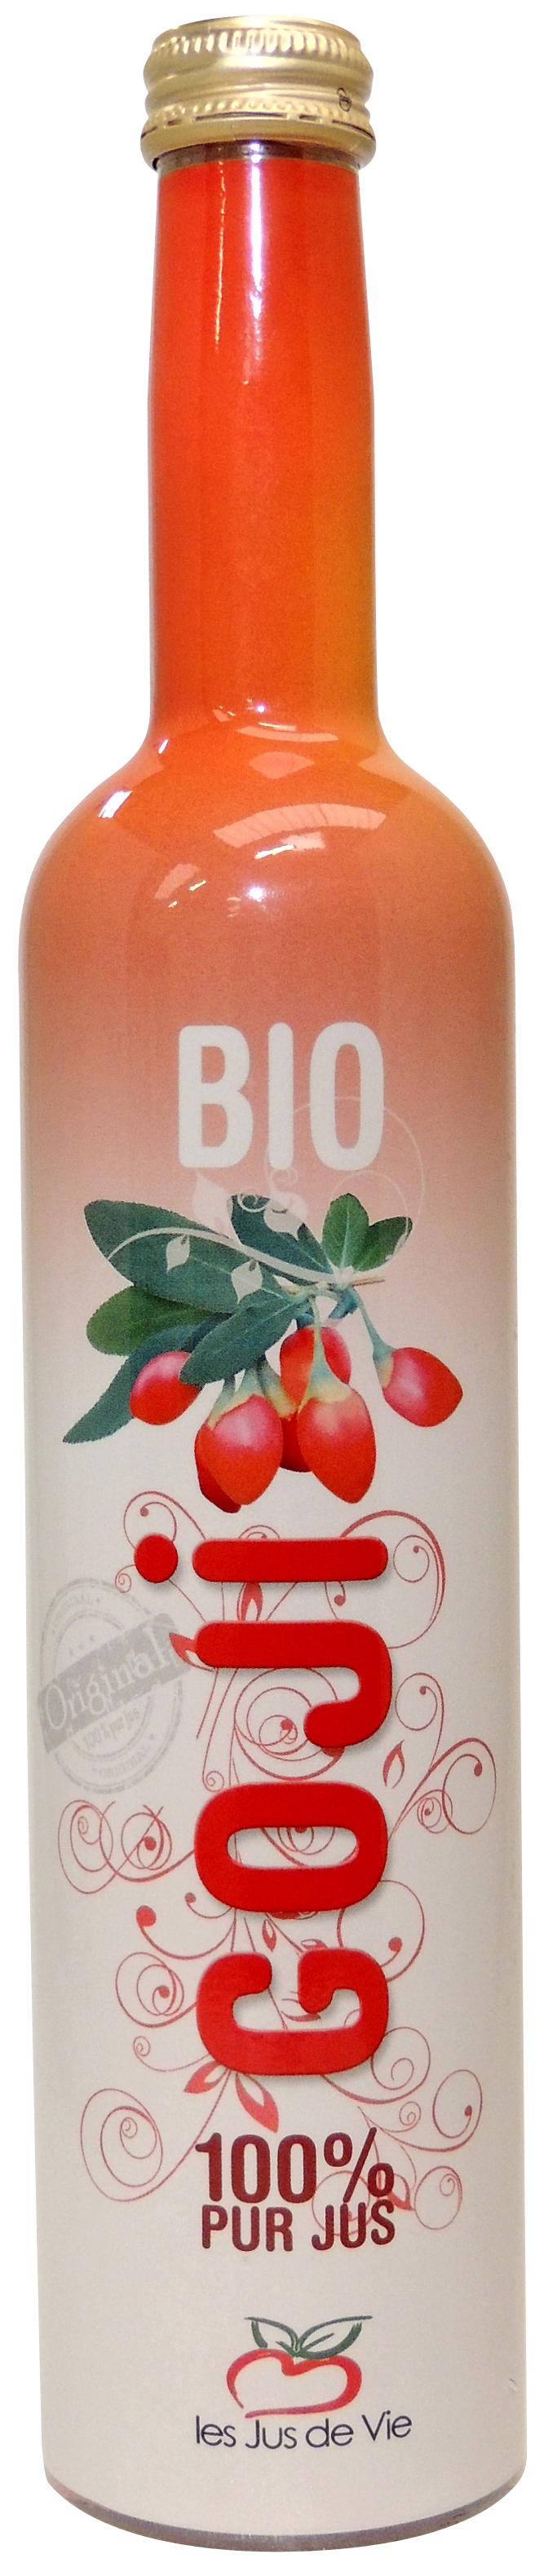 goji bottle shrink sleeve label Celtheq